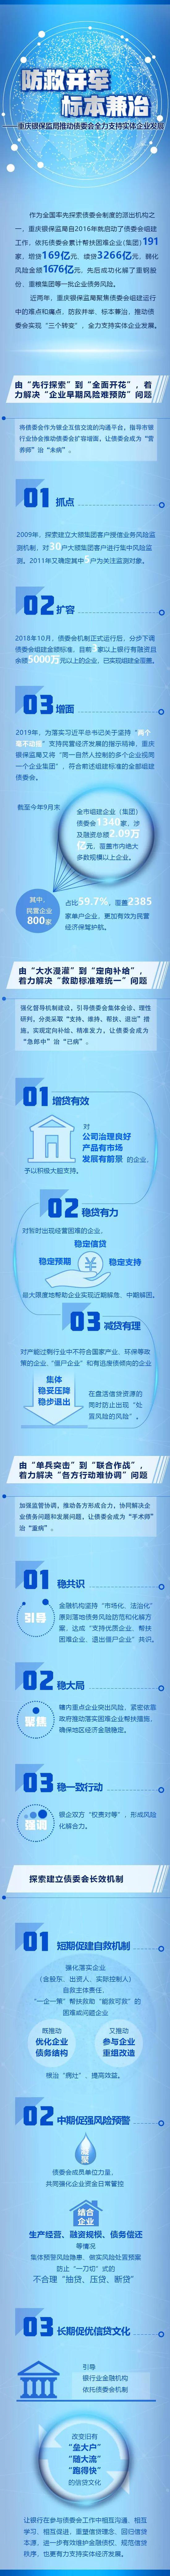 """彩庄娱乐平台返点多少,芝罘南部最""""康养""""的住宅项目,万科新盘翠湖山晓值不值得买?"""